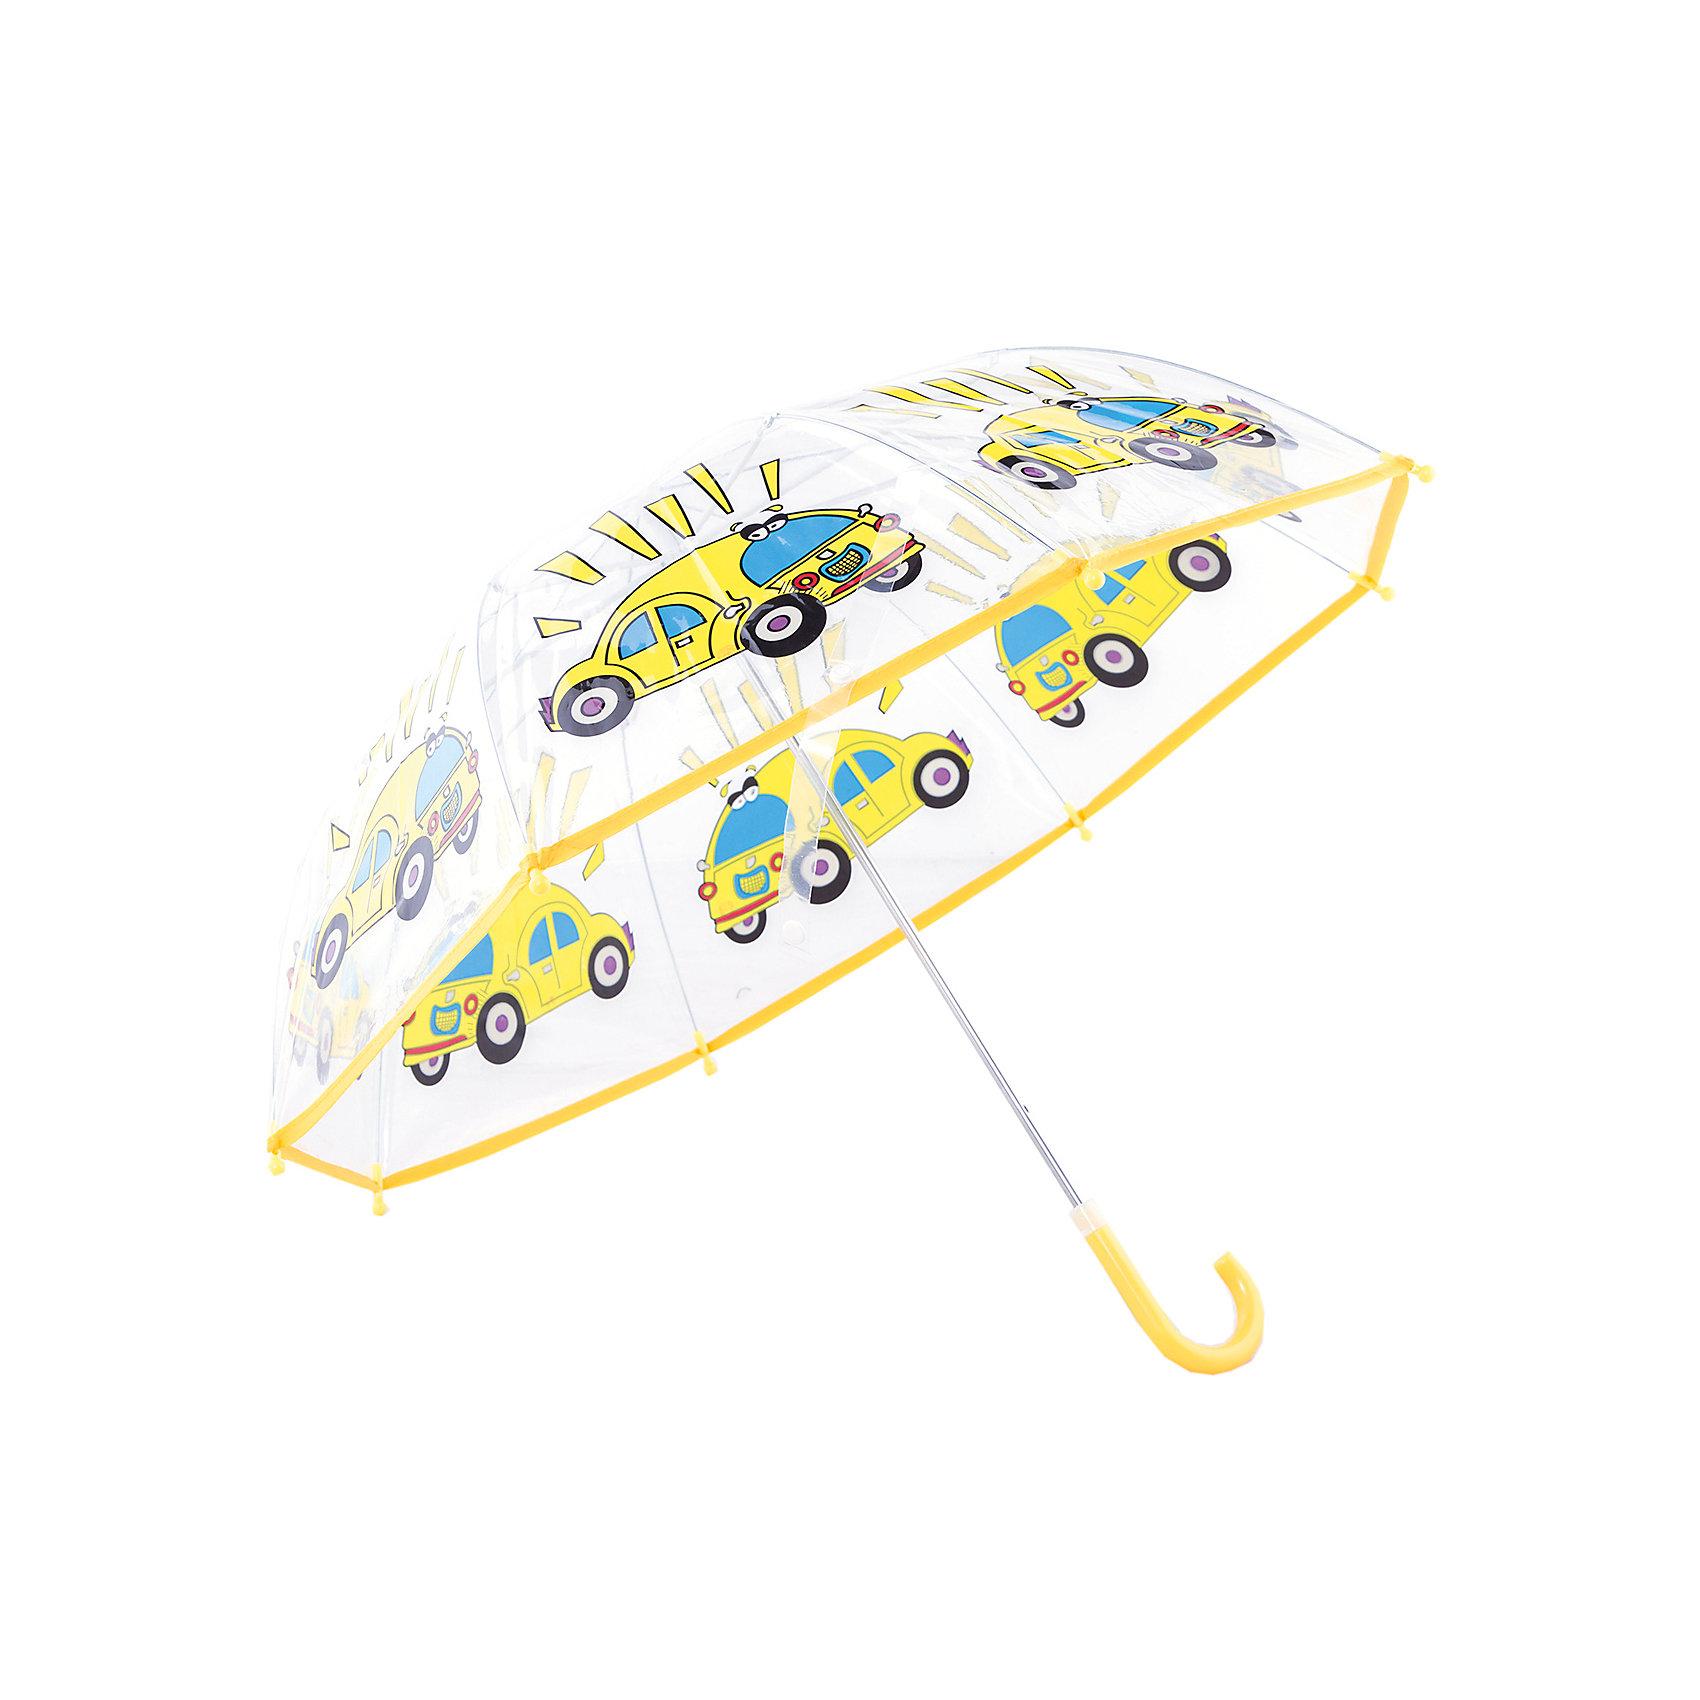 Зонт детский Автомобиль, 46 см.Зонты детские<br>Детский зонтик-тросточка с ярким принтом защитит ребенка от непогоды. Зонтик не боится дождя и ветра благодаря прочному креплению купола к каркасу. <br> Технические характеристики: <br> Механическая система складывания; <br> Концы спиц закрыты пластиковыми шариками;  <br> Пластиковый фиксатор на стержне зонтика;  <br> Радиус купола - 46 см<br><br>Ширина мм: 580<br>Глубина мм: 600<br>Высота мм: 800<br>Вес г: 250<br>Возраст от месяцев: 36<br>Возраст до месяцев: 2147483647<br>Пол: Мужской<br>Возраст: Детский<br>SKU: 5508500